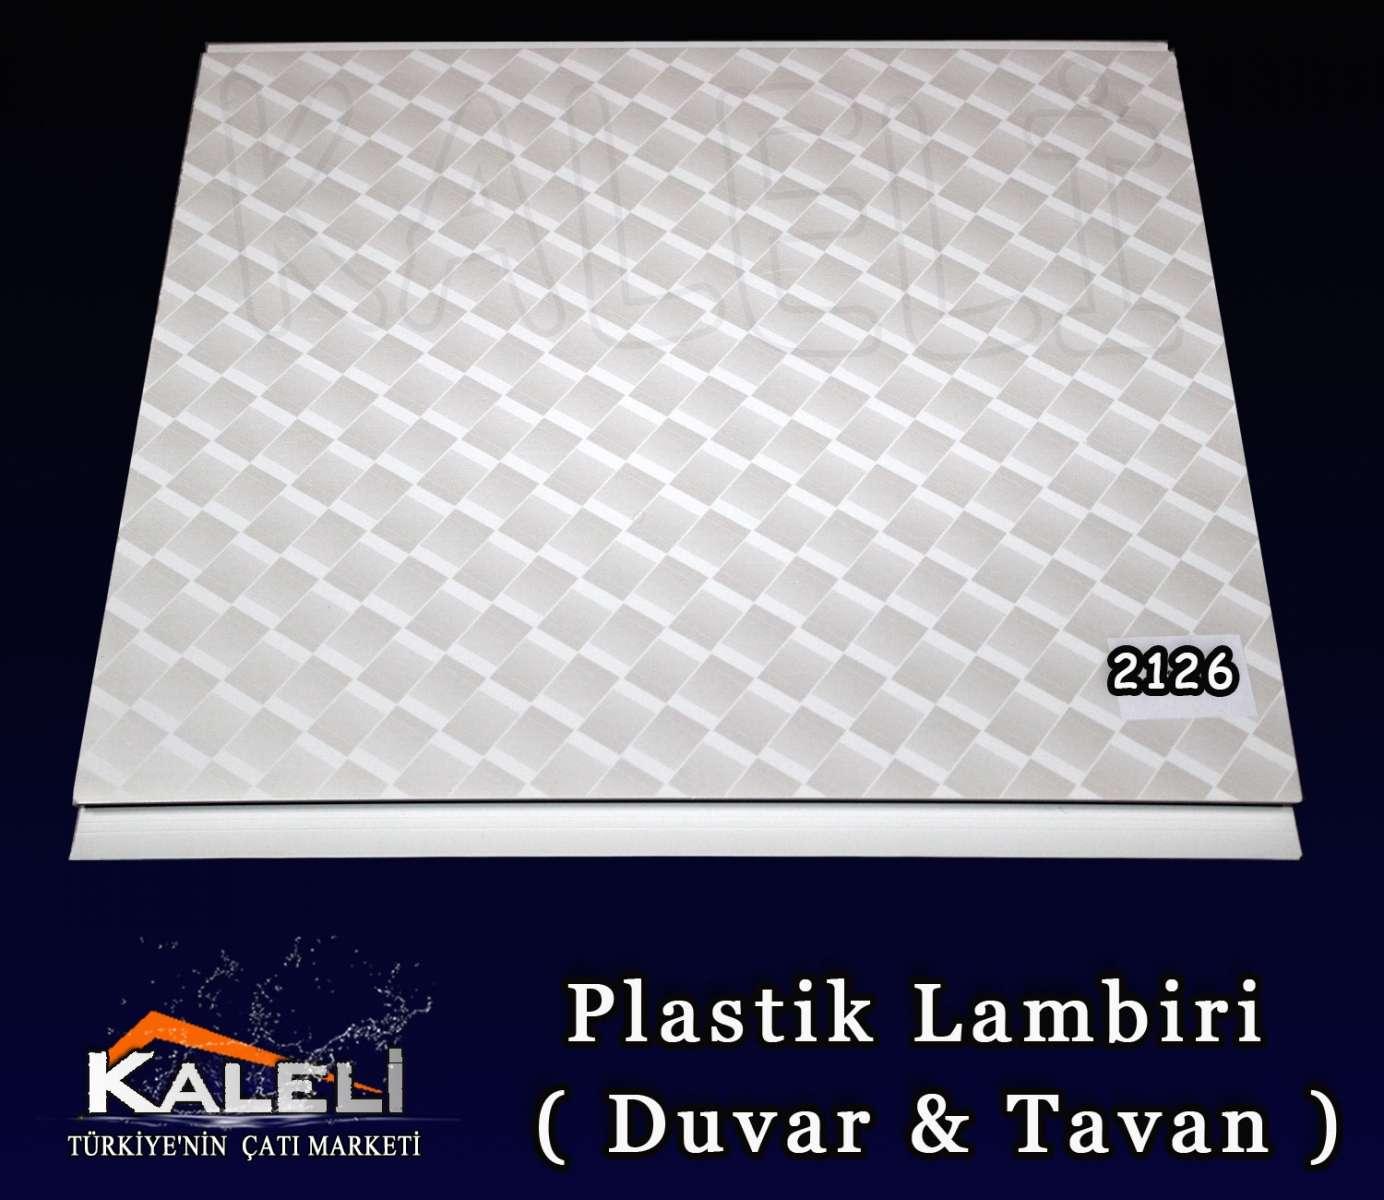 2126 Pvc Duvar & Tavan Lambiri